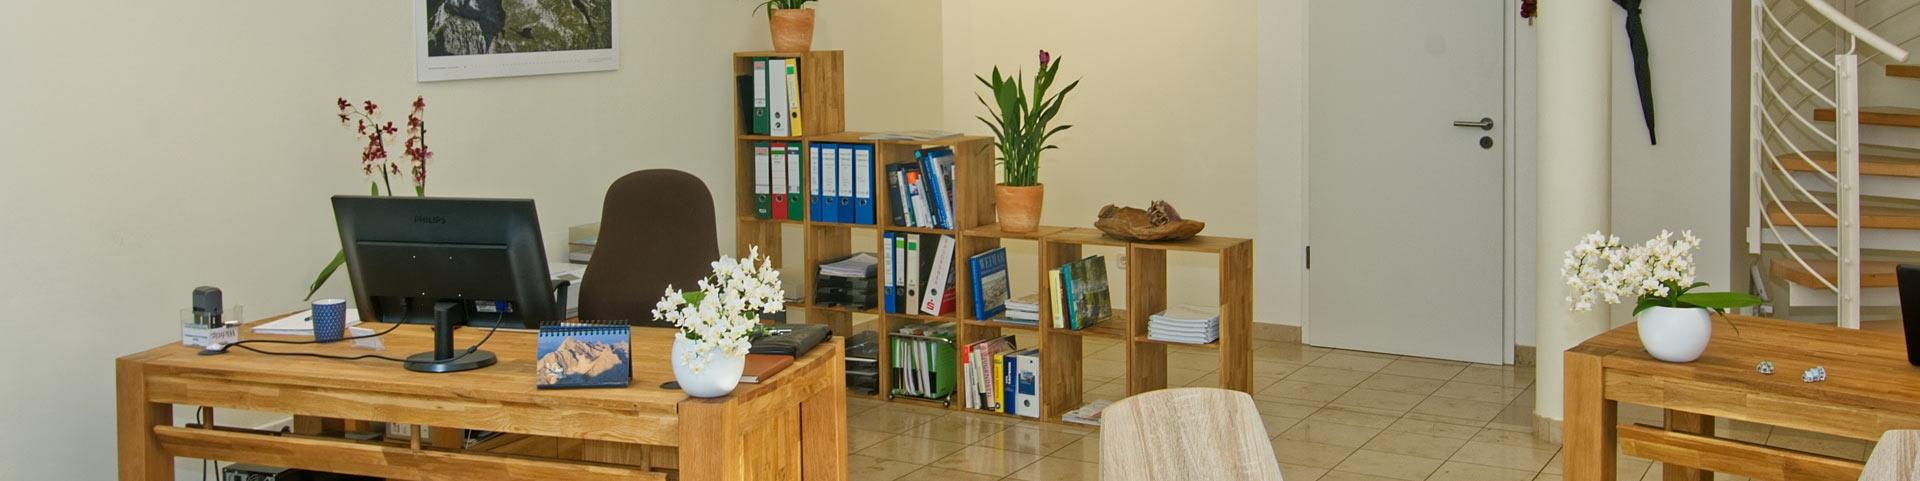 Immobilien Büro